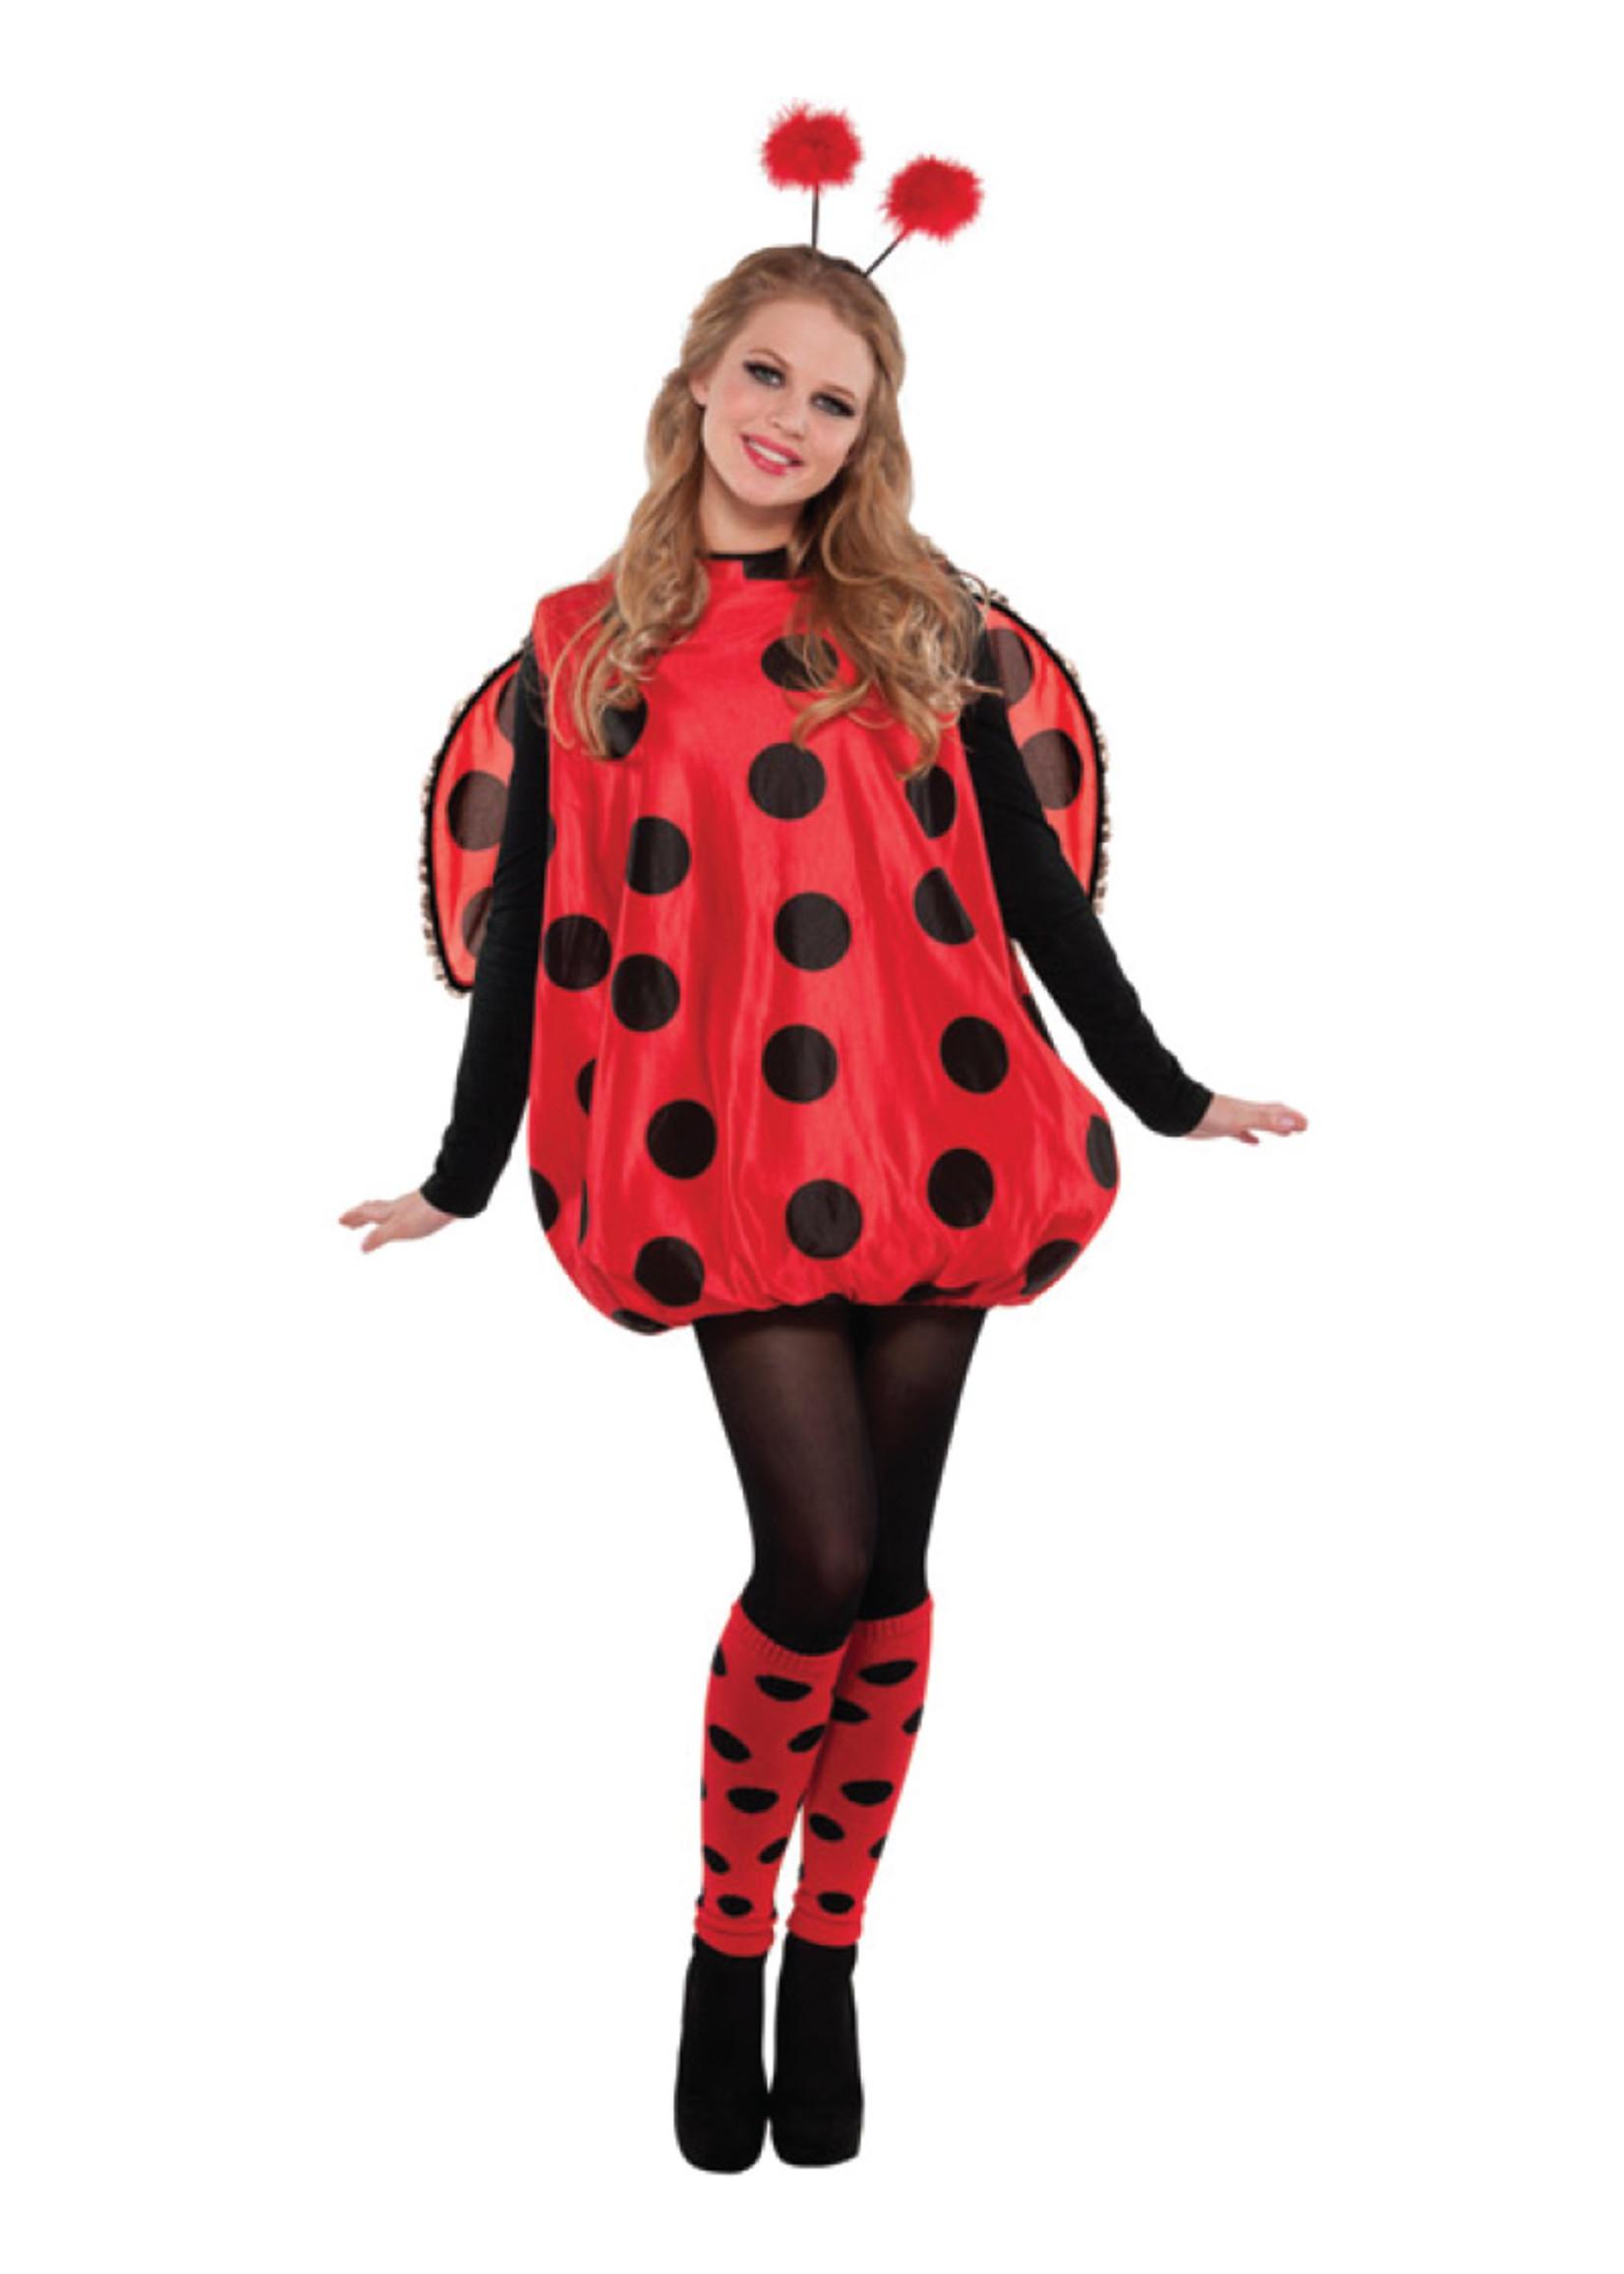 Darling Bug - Women